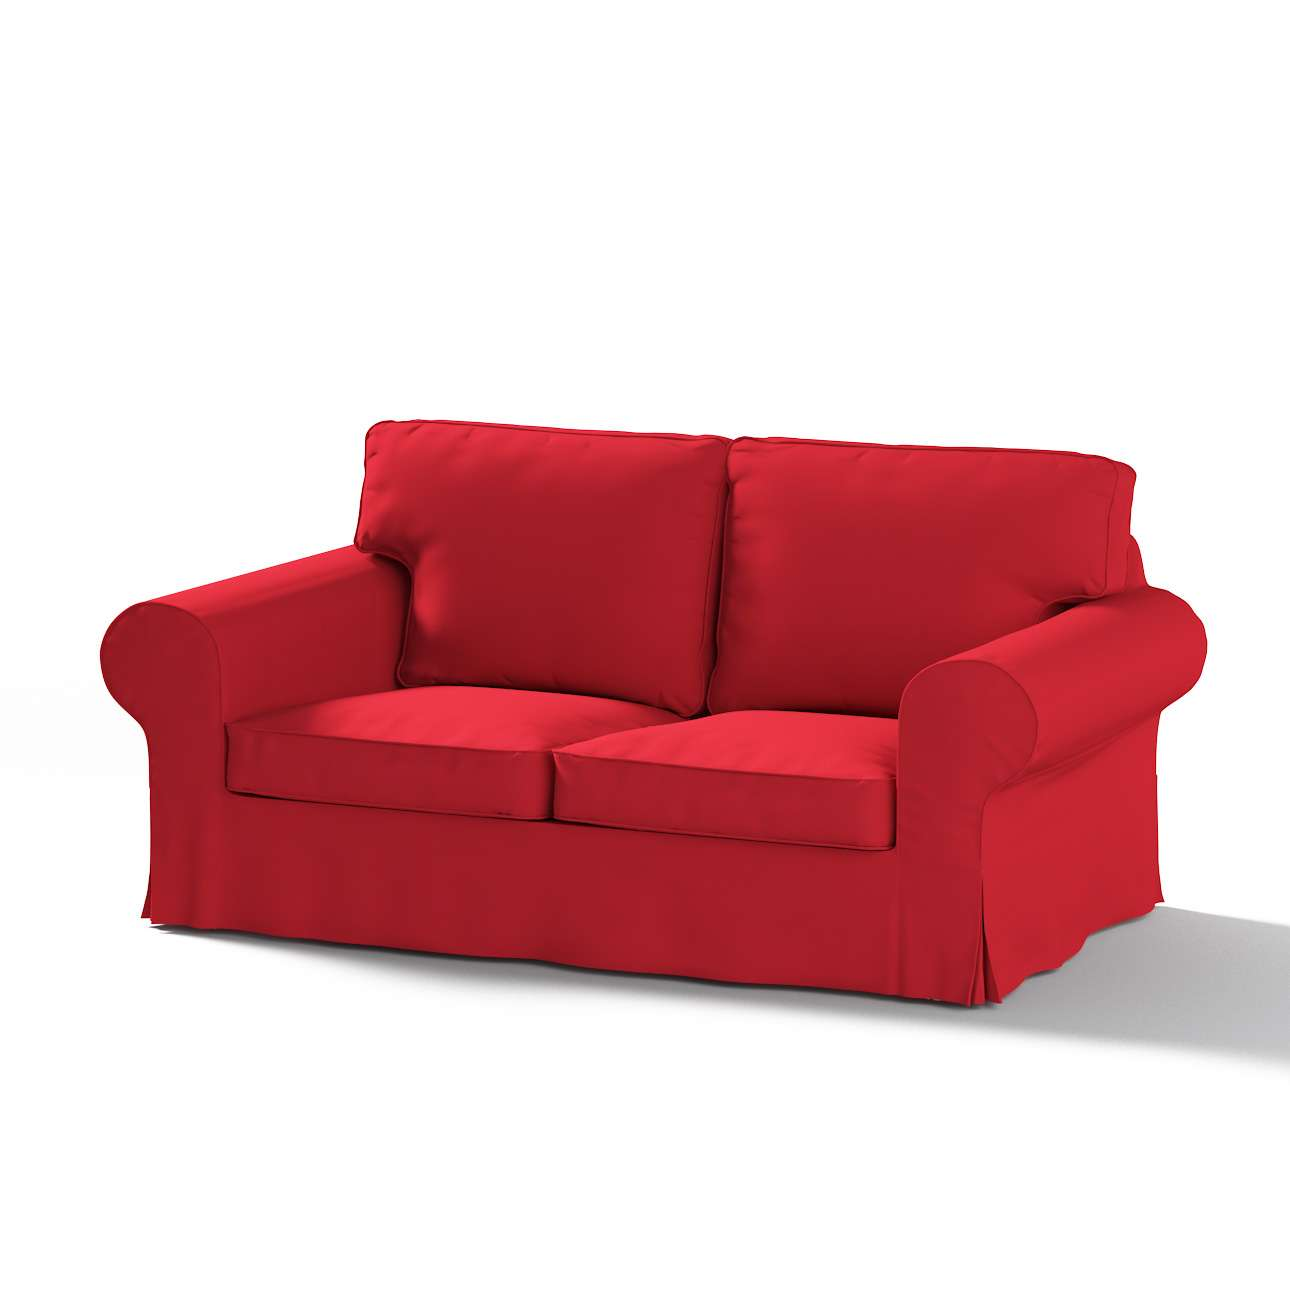 Potah na pohovku IKEA Ektorp 2-místná rozkládací  NOVÝ MODEL 2012 Ektorp 2012 v kolekci Cotton Panama, látka: 702-04